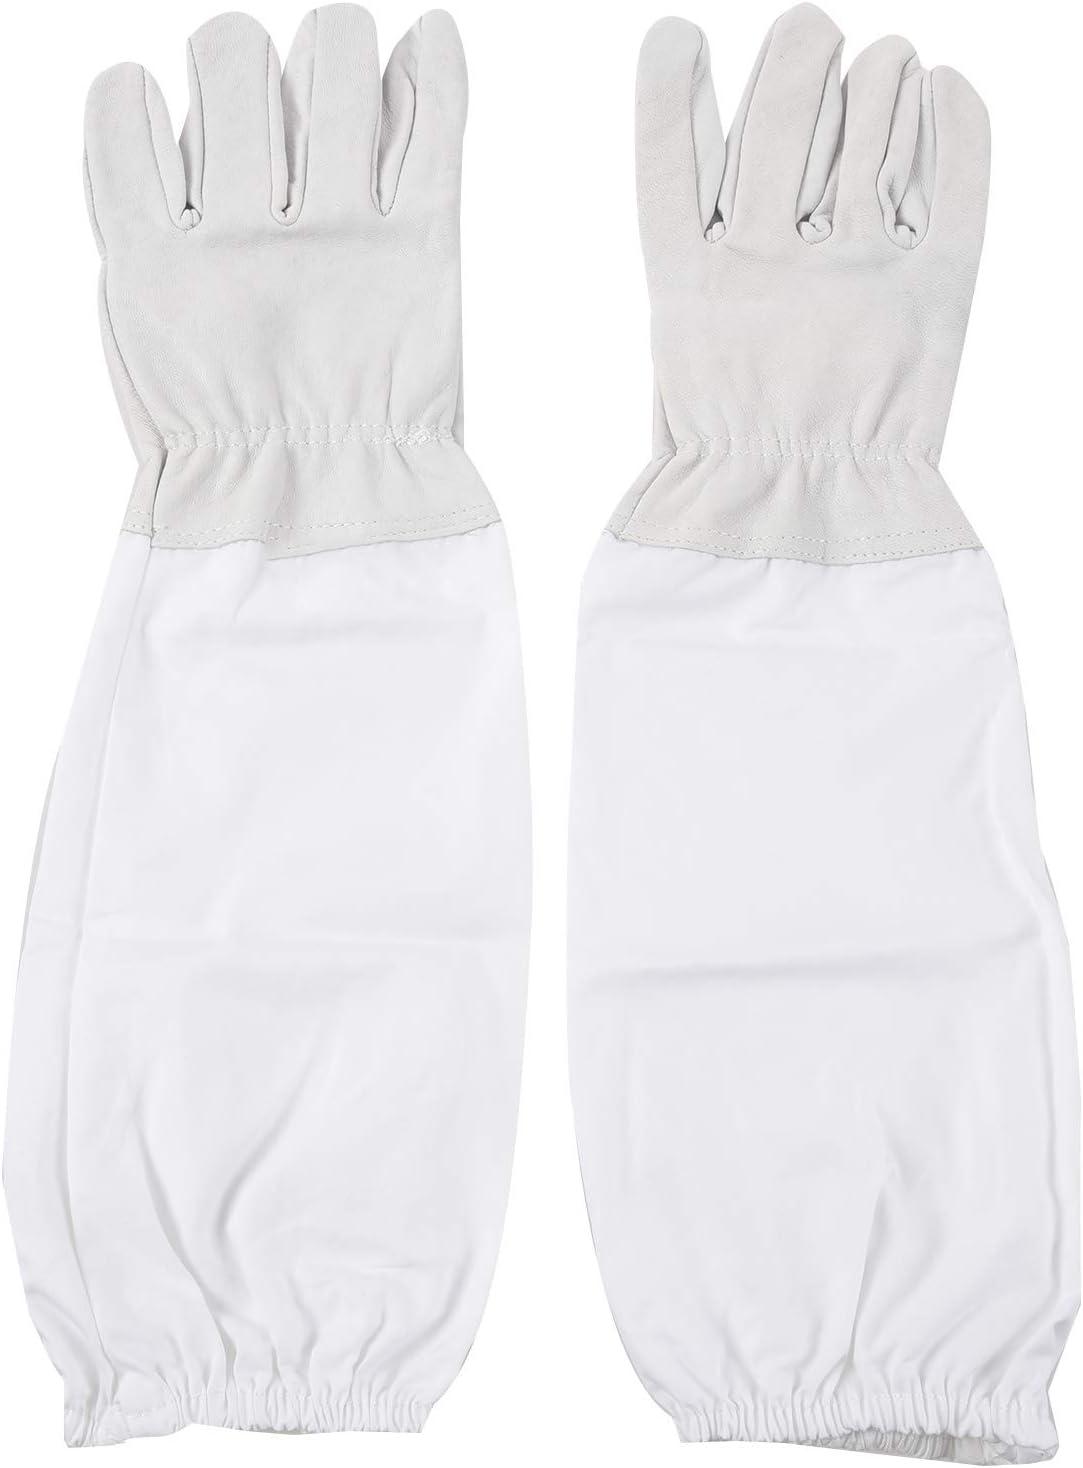 Gris et Blanc Sandis 1 Paire de Gants avec Manches Longues Ventilees de Professionnel Anti Abeille pour Apiculture Apiculteur